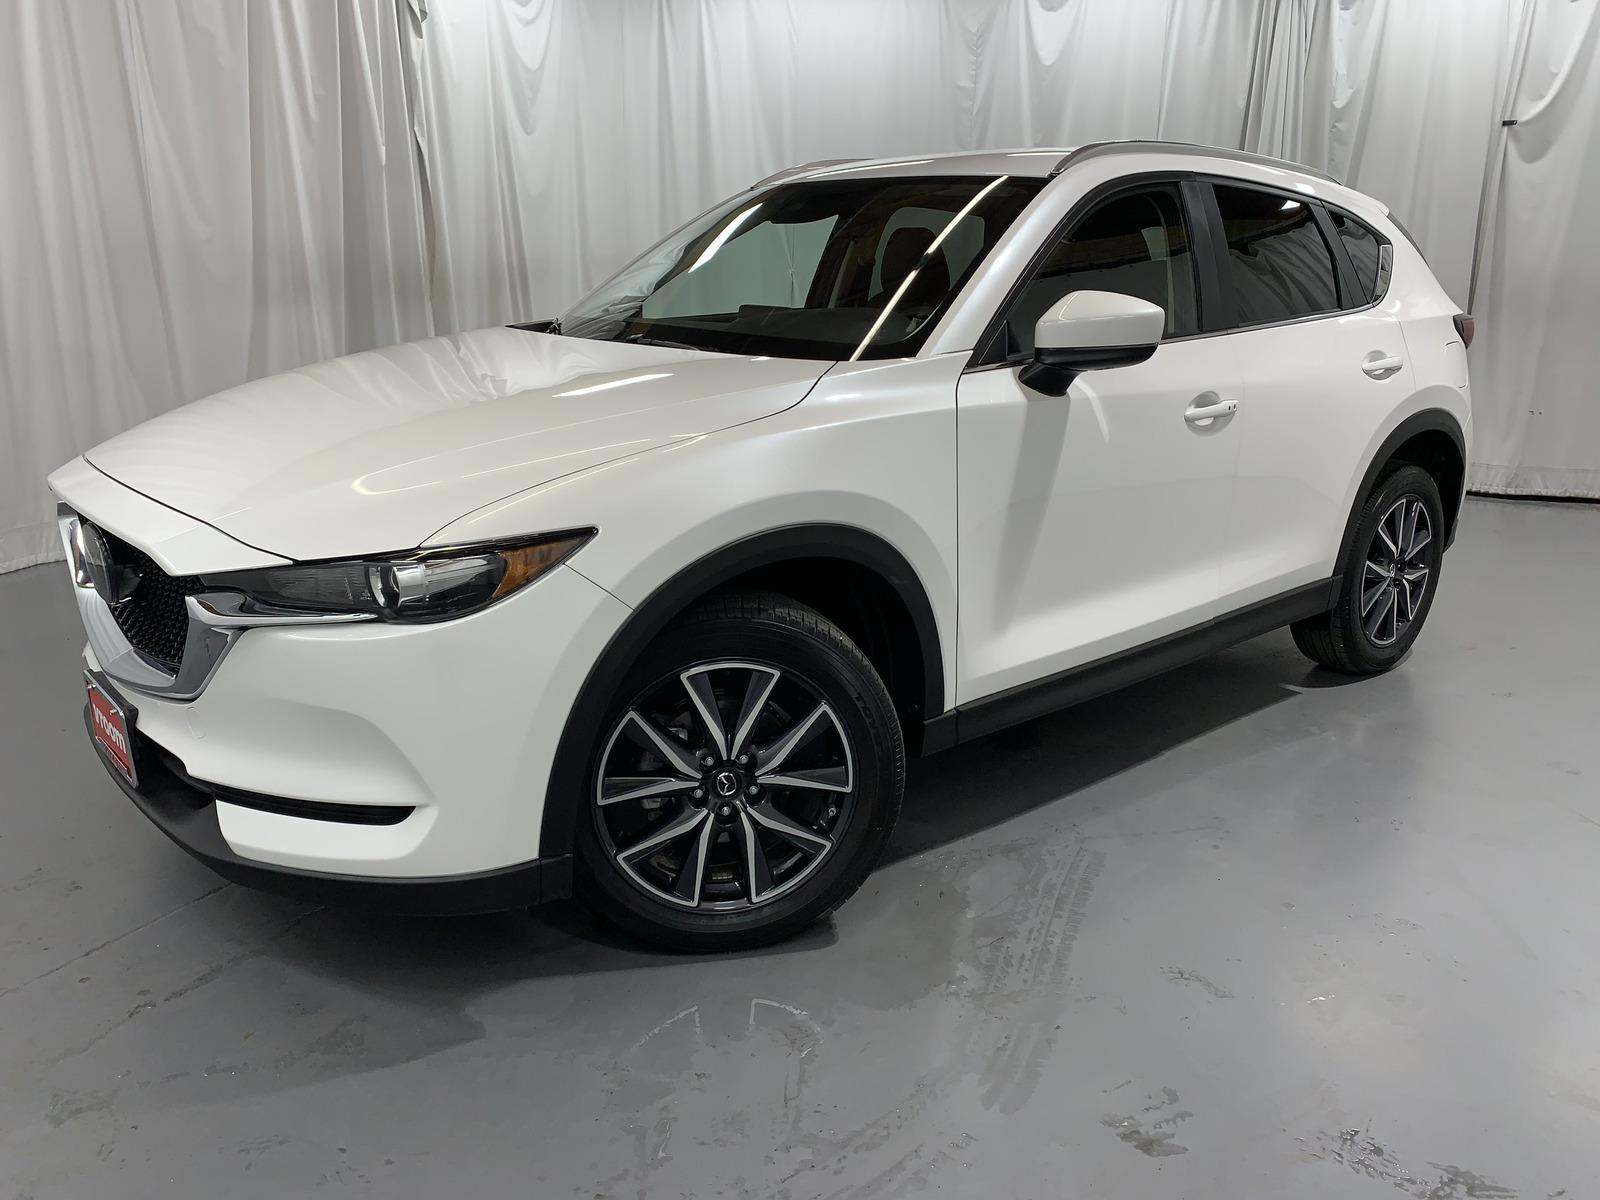 2018 Mazda CX-5